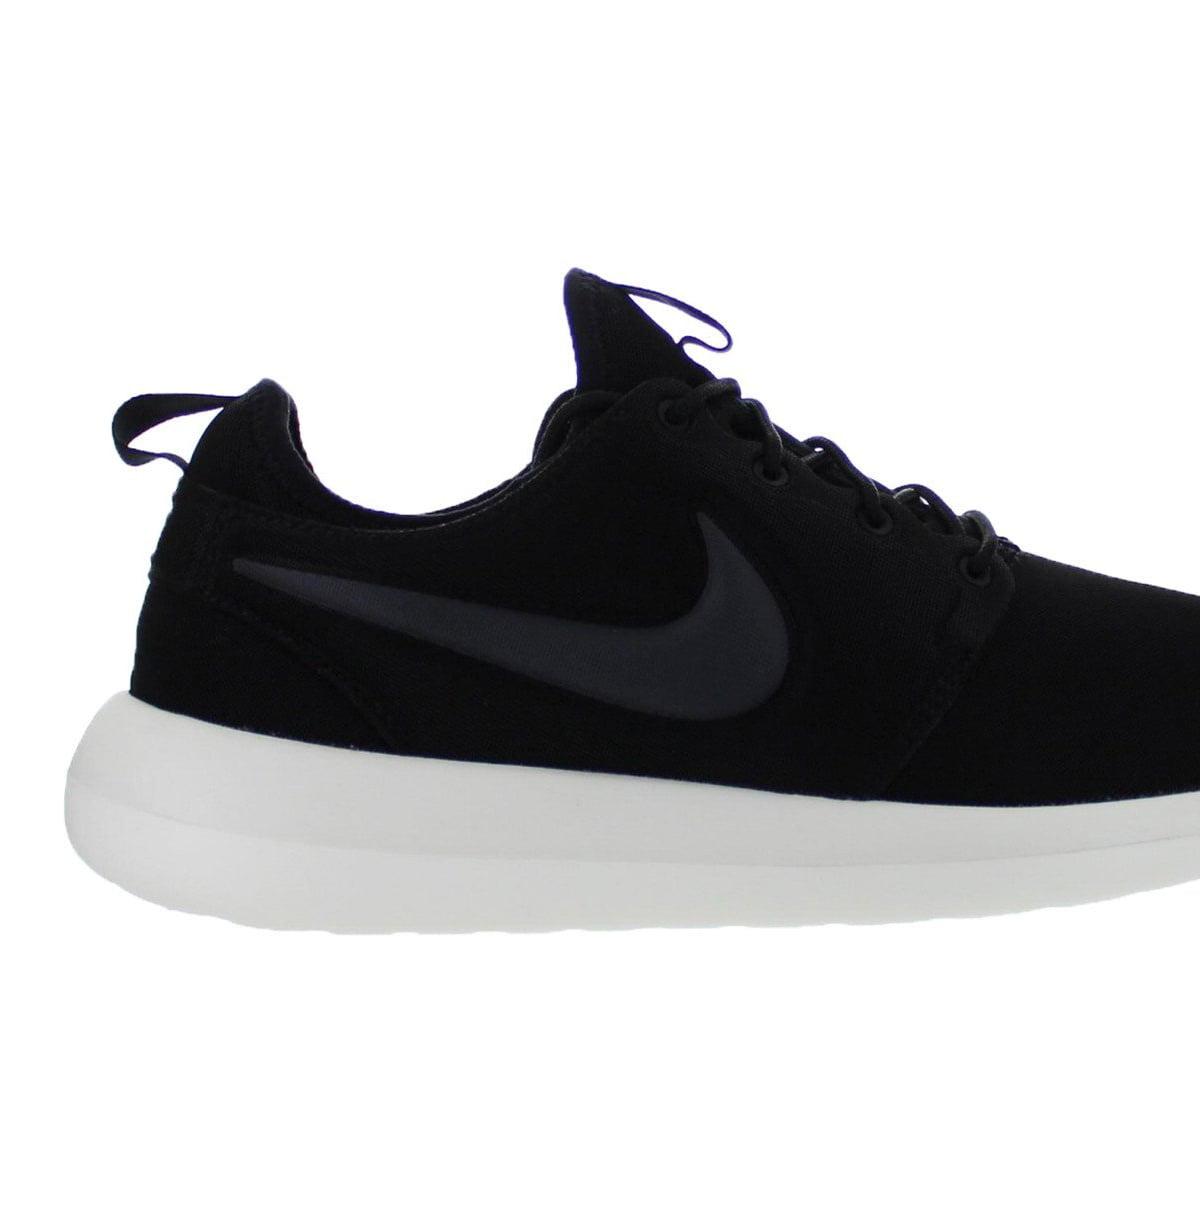 Nike Roshe Two Mens Style : 844656